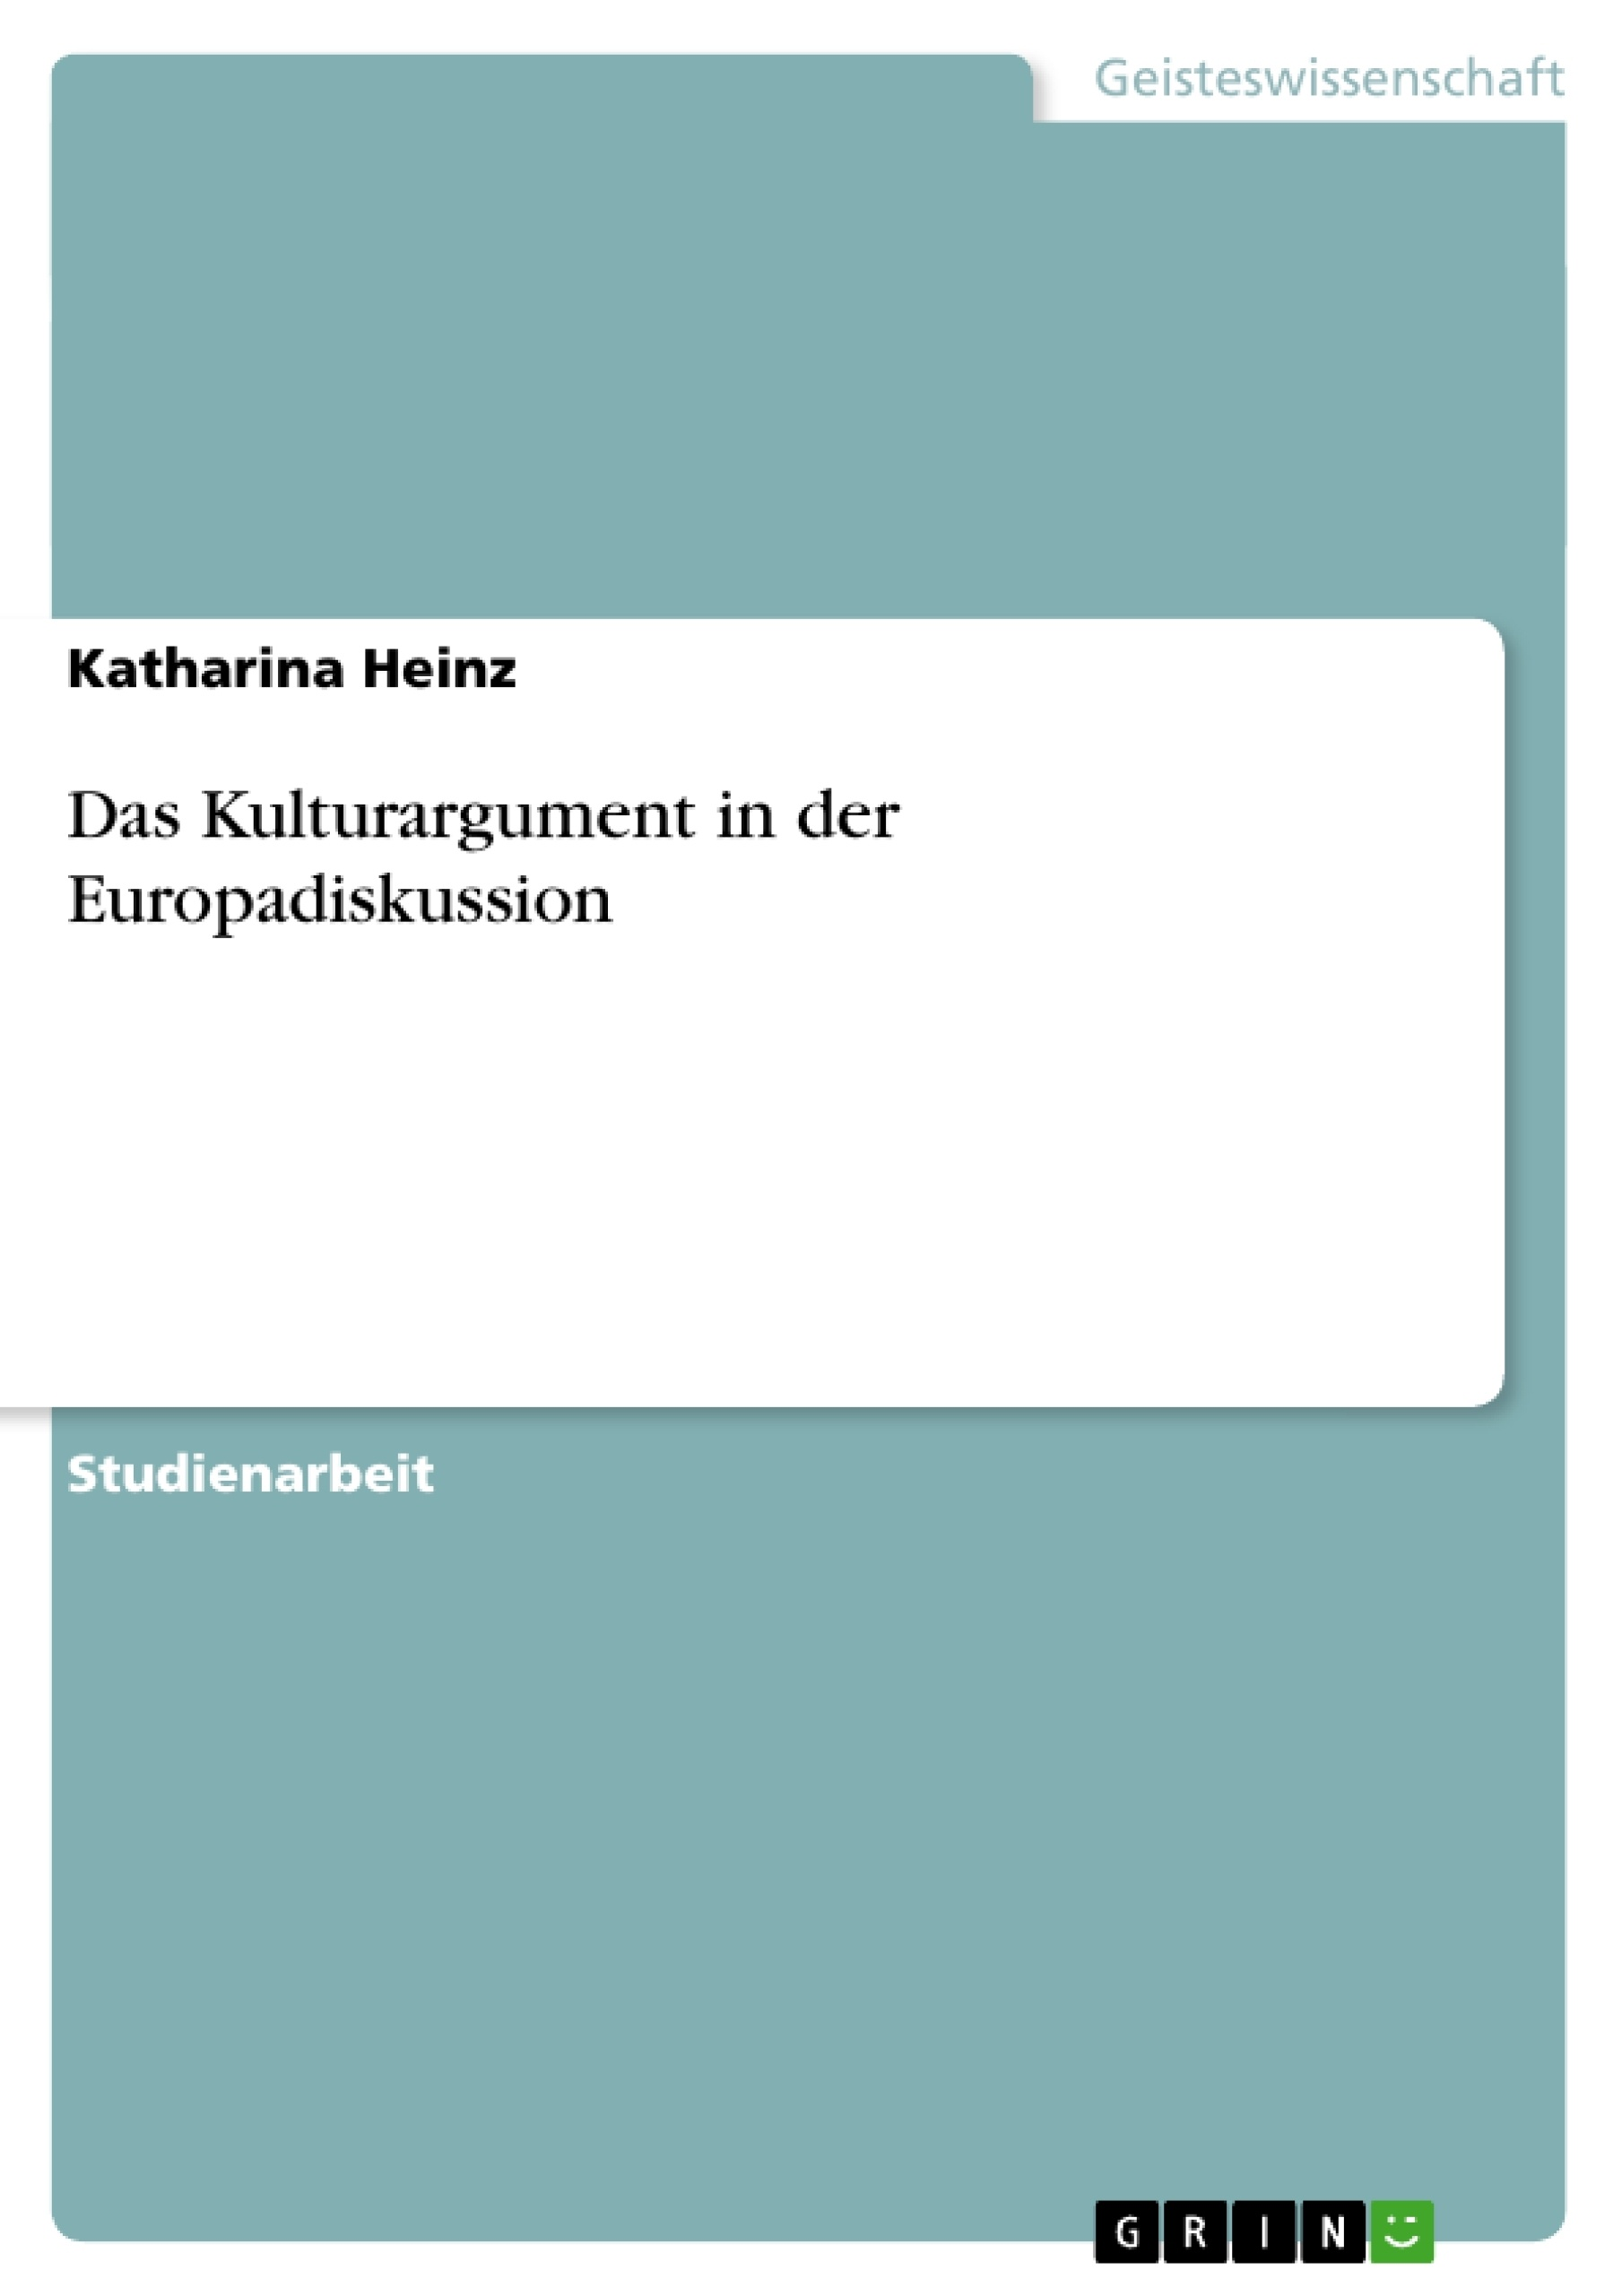 Titel: Das Kulturargument in der Europadiskussion